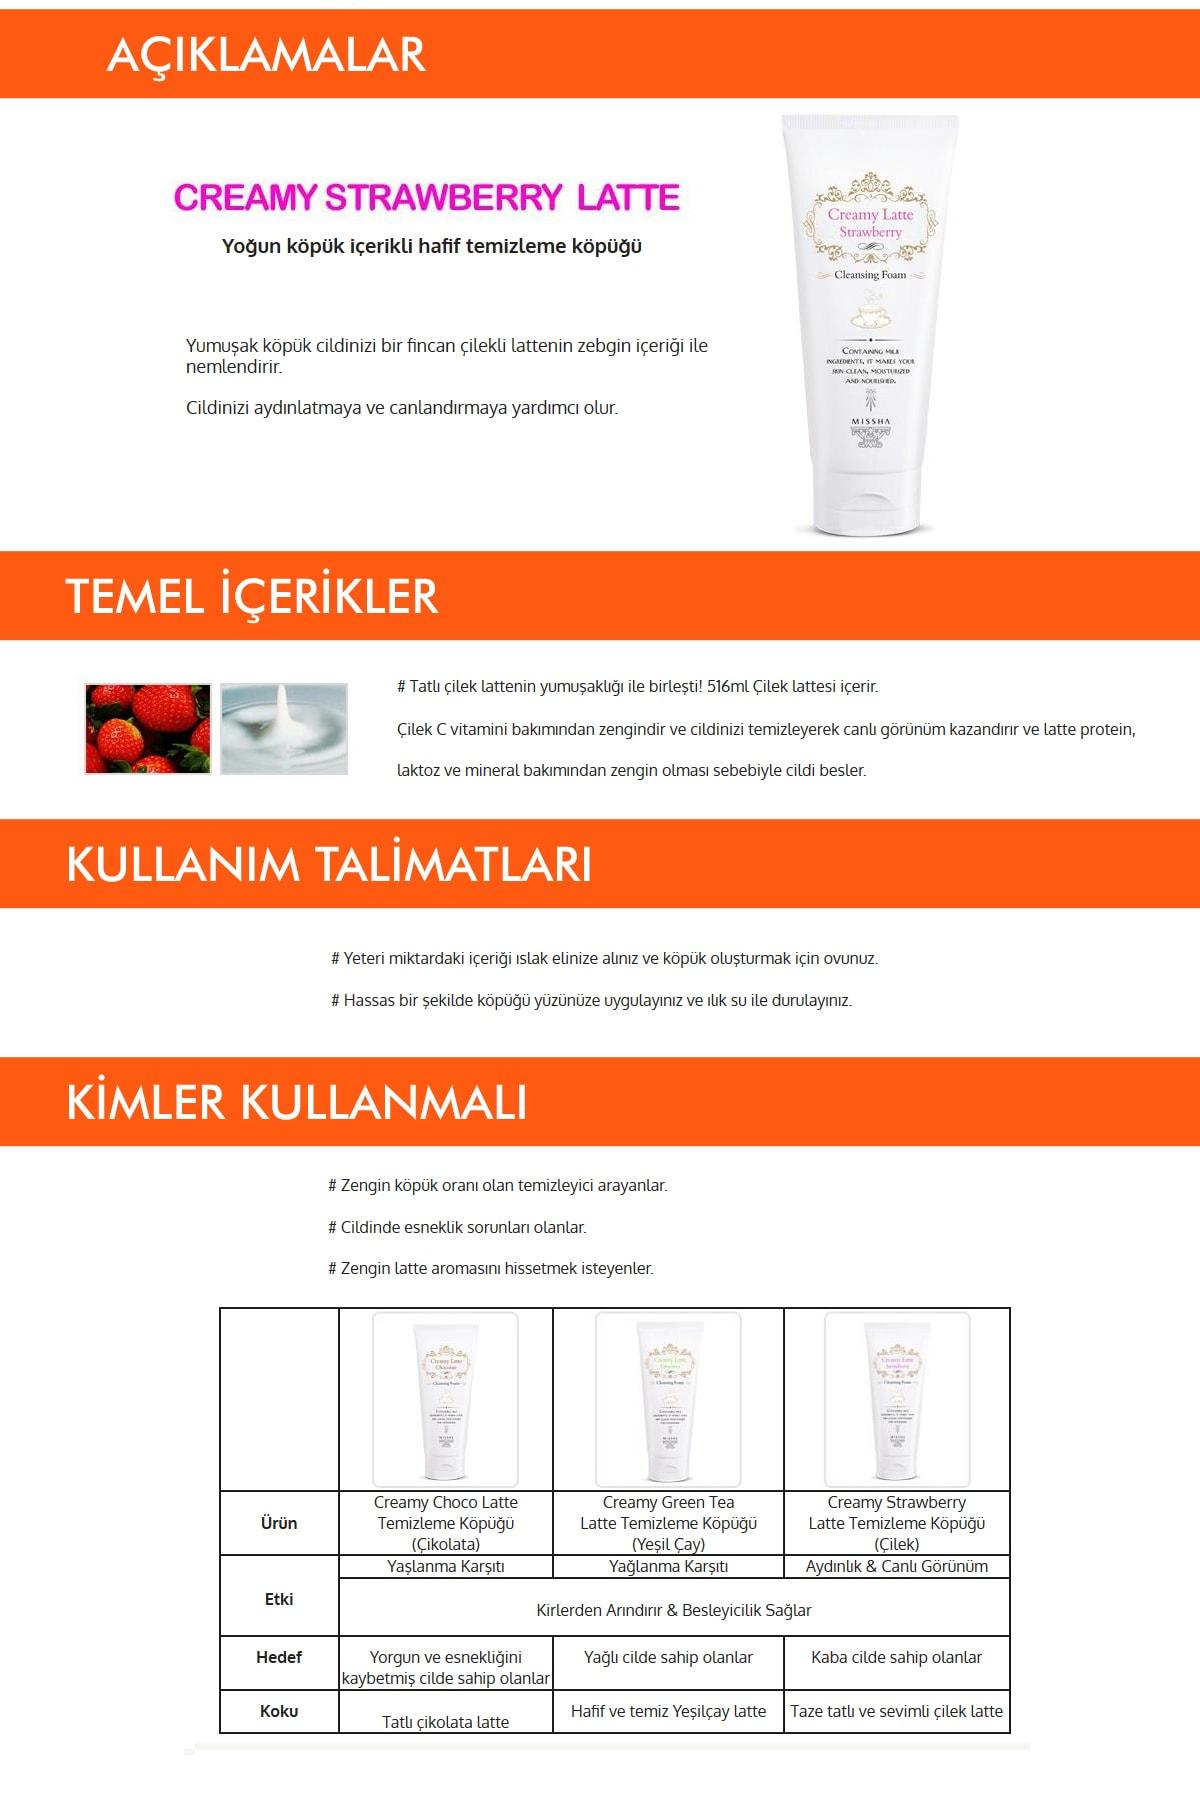 Missha Çilekli Canlandırıcı Temizleme Köpüğü 172ml Creamy Latte Cleansing Foam (Strawberry) 1